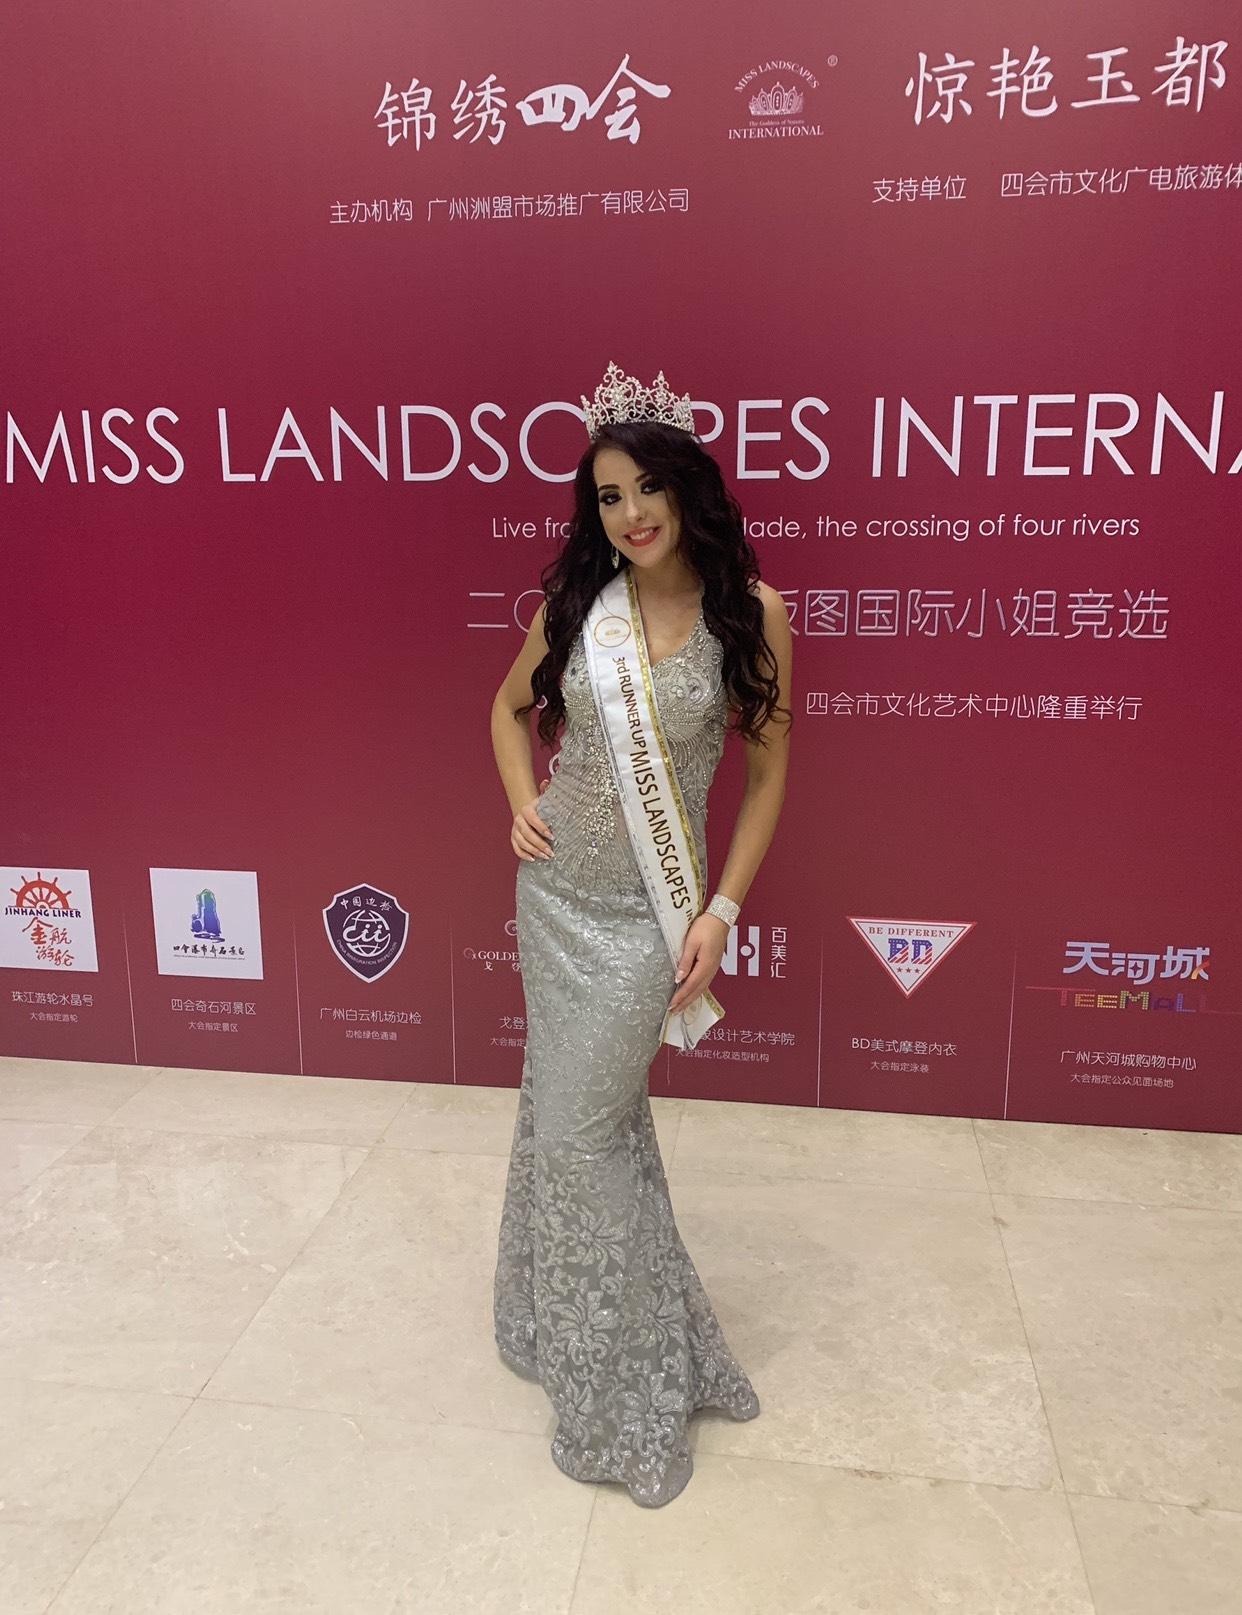 Roksana Oraniec 3rd runner up Miss Landscapes International 2019